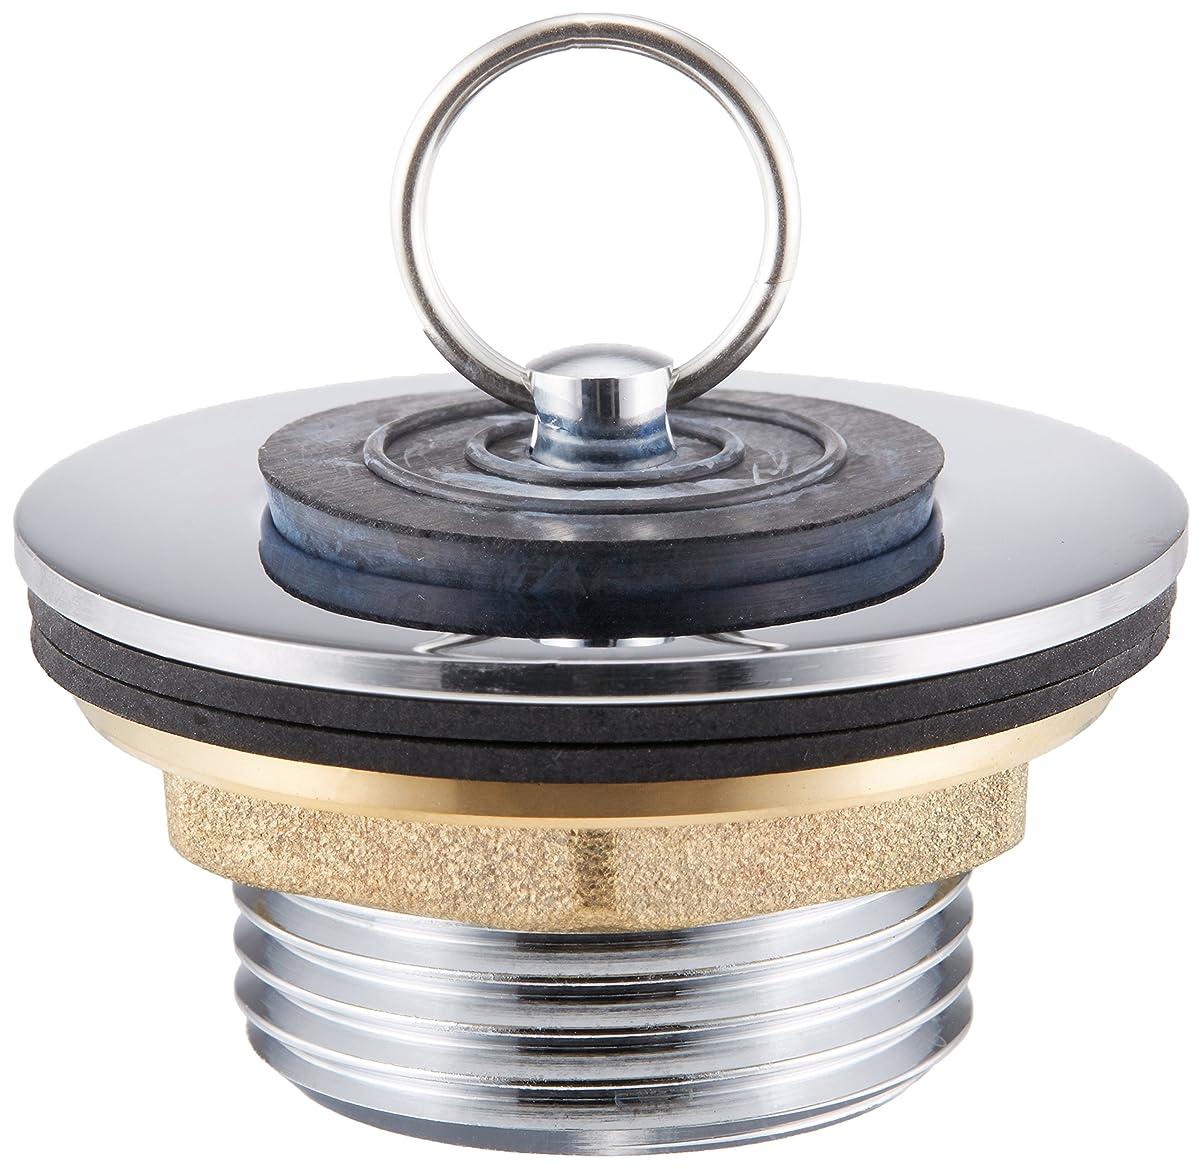 ミシン目一貫性のないチャートカクダイ ゴム栓つきウラネジ風呂栓 4121-25